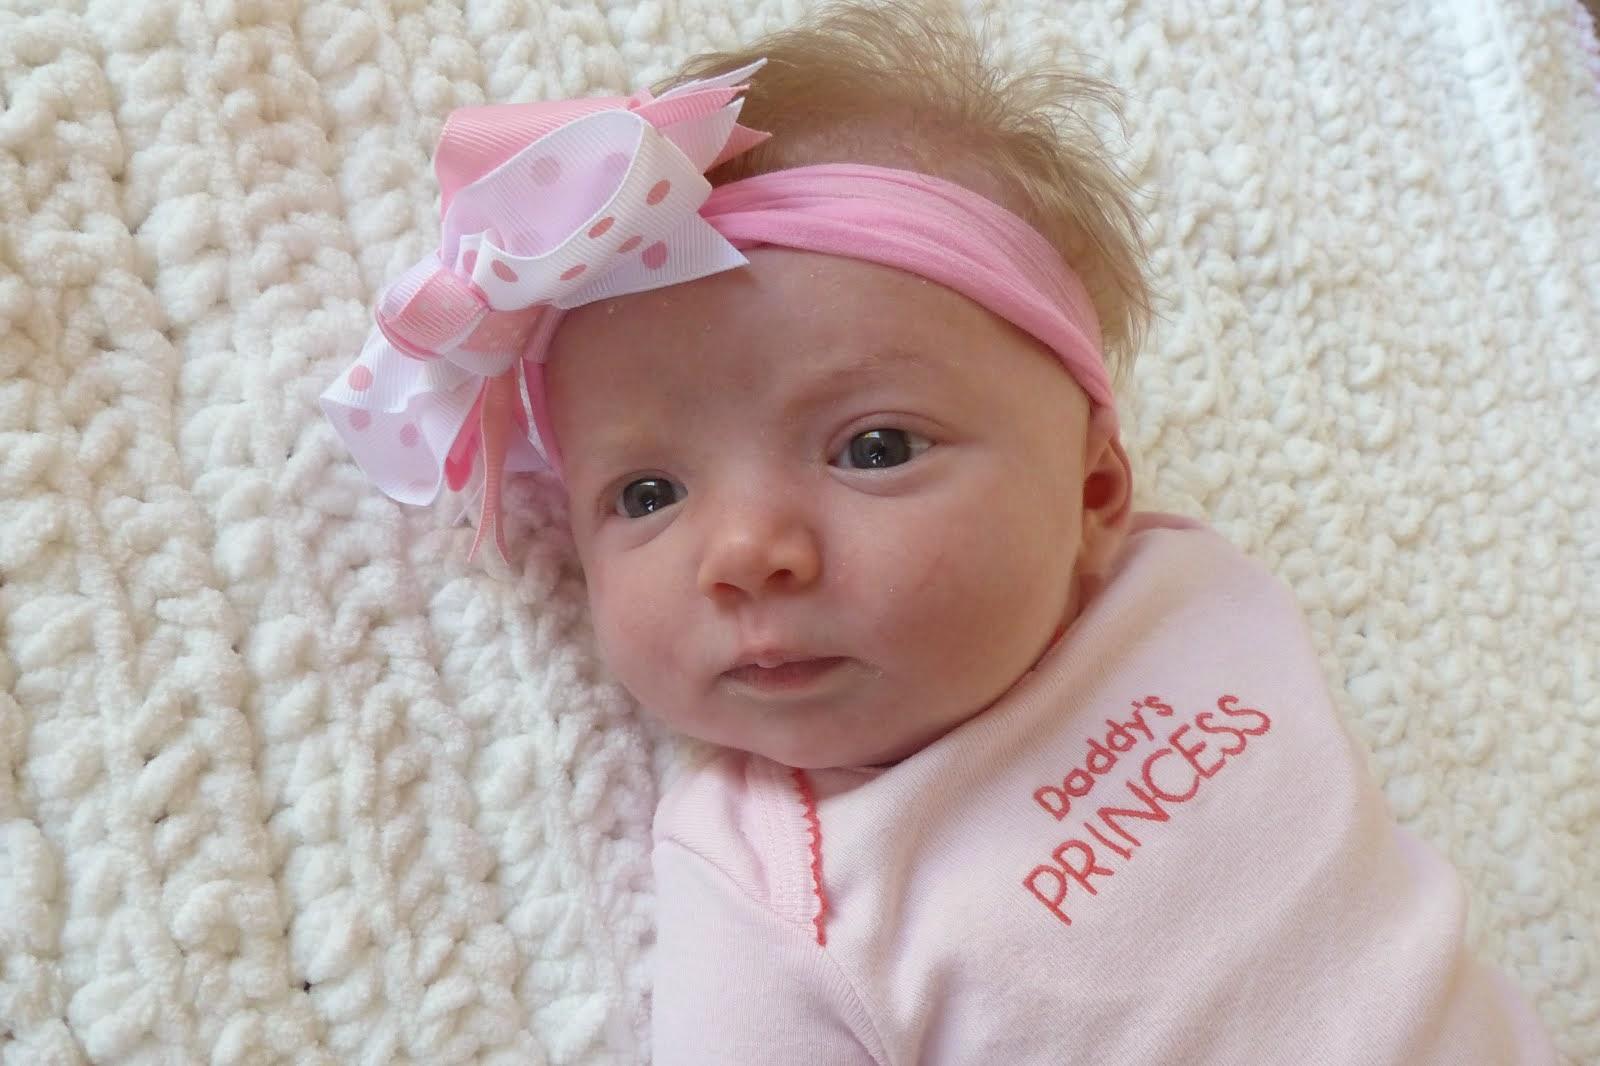 Eva - 2 months old